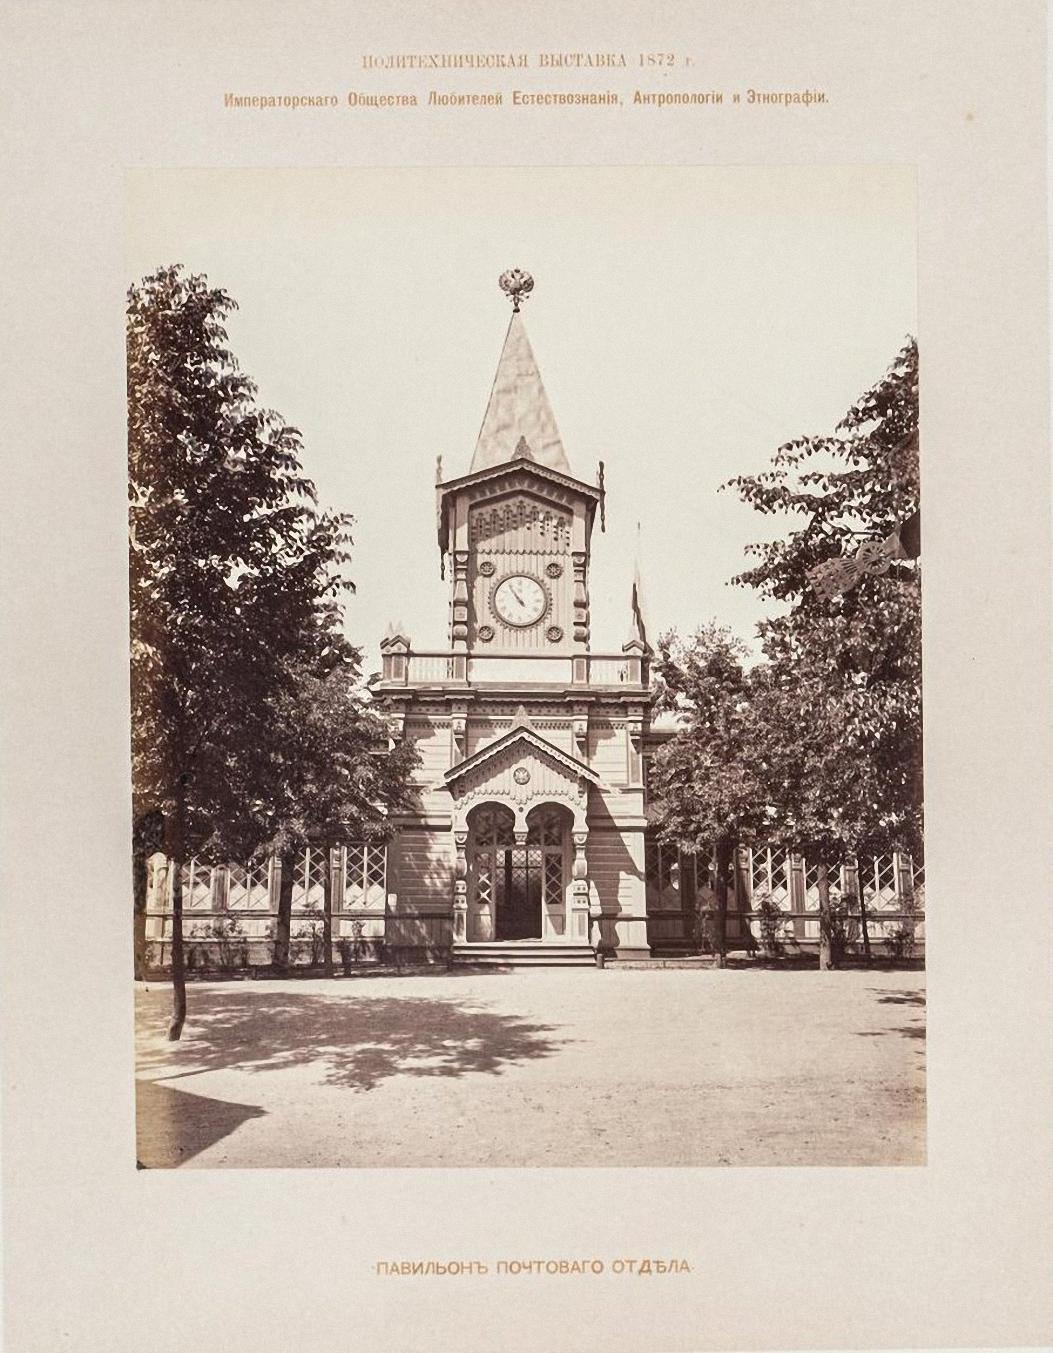 Александровский сад. Павильон почтового отдела